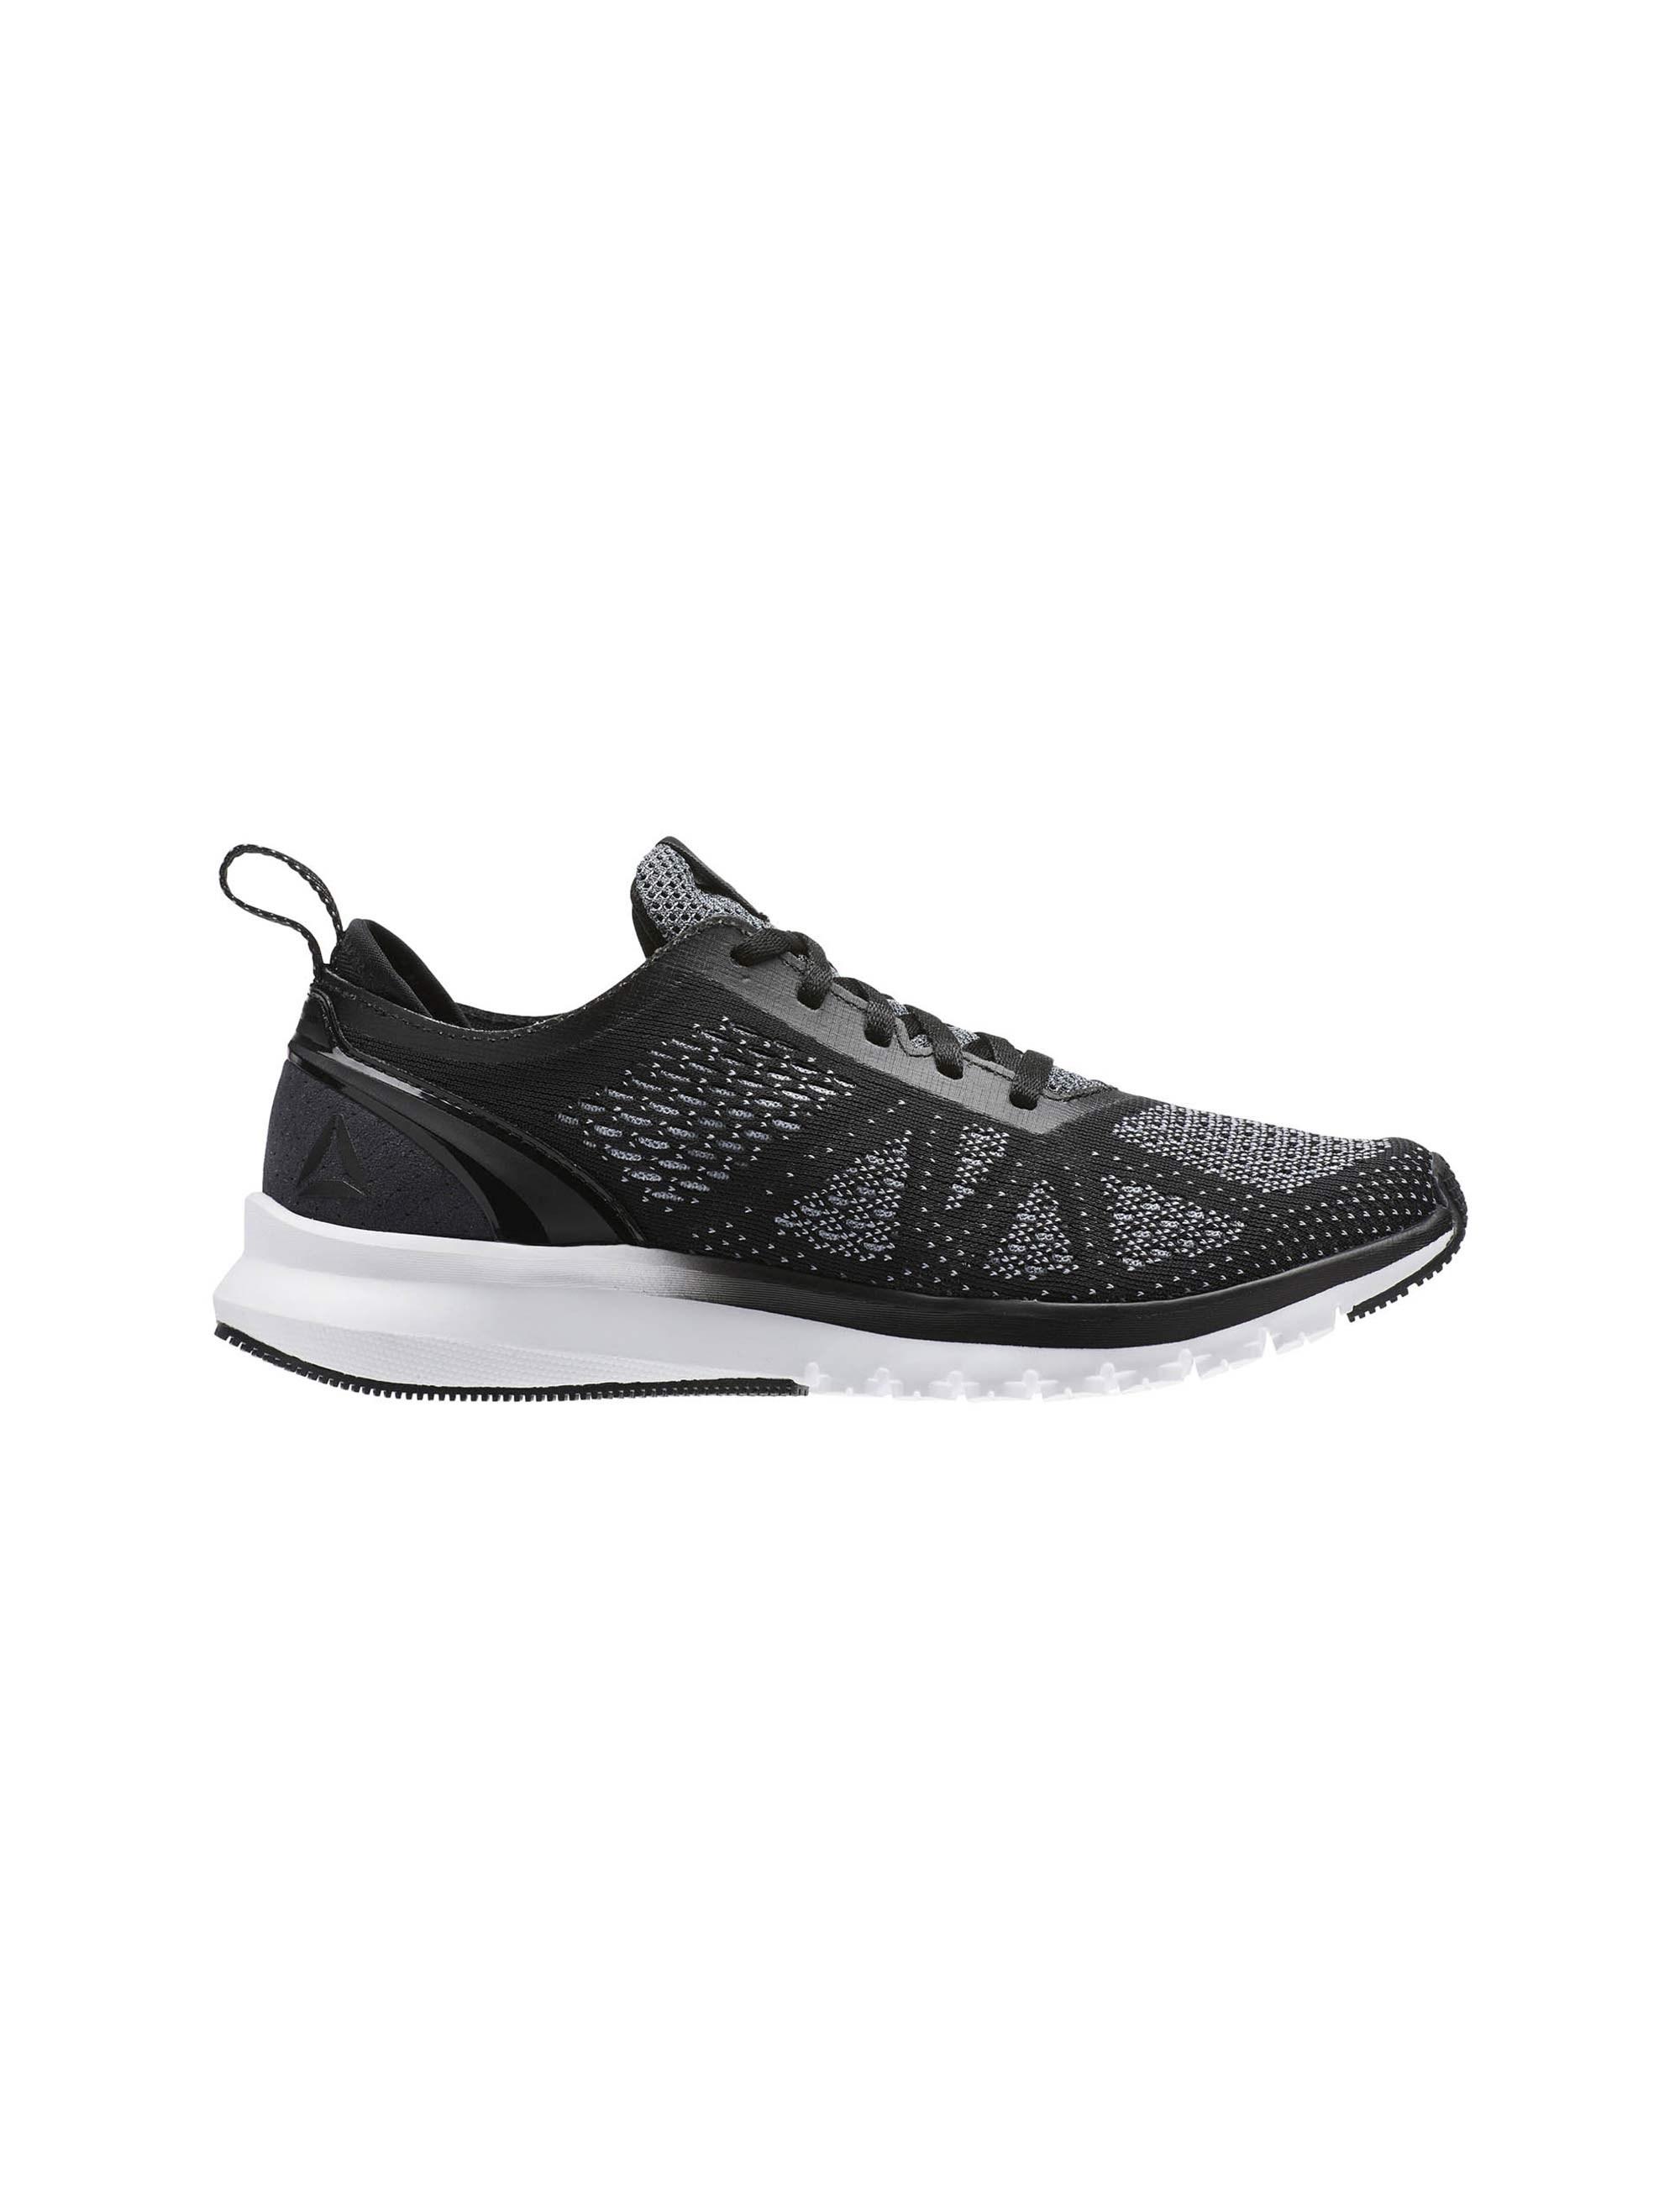 خرید کفش مخصوص دویدن زنانه ریباک مدل Smooth Clip Ultraknit